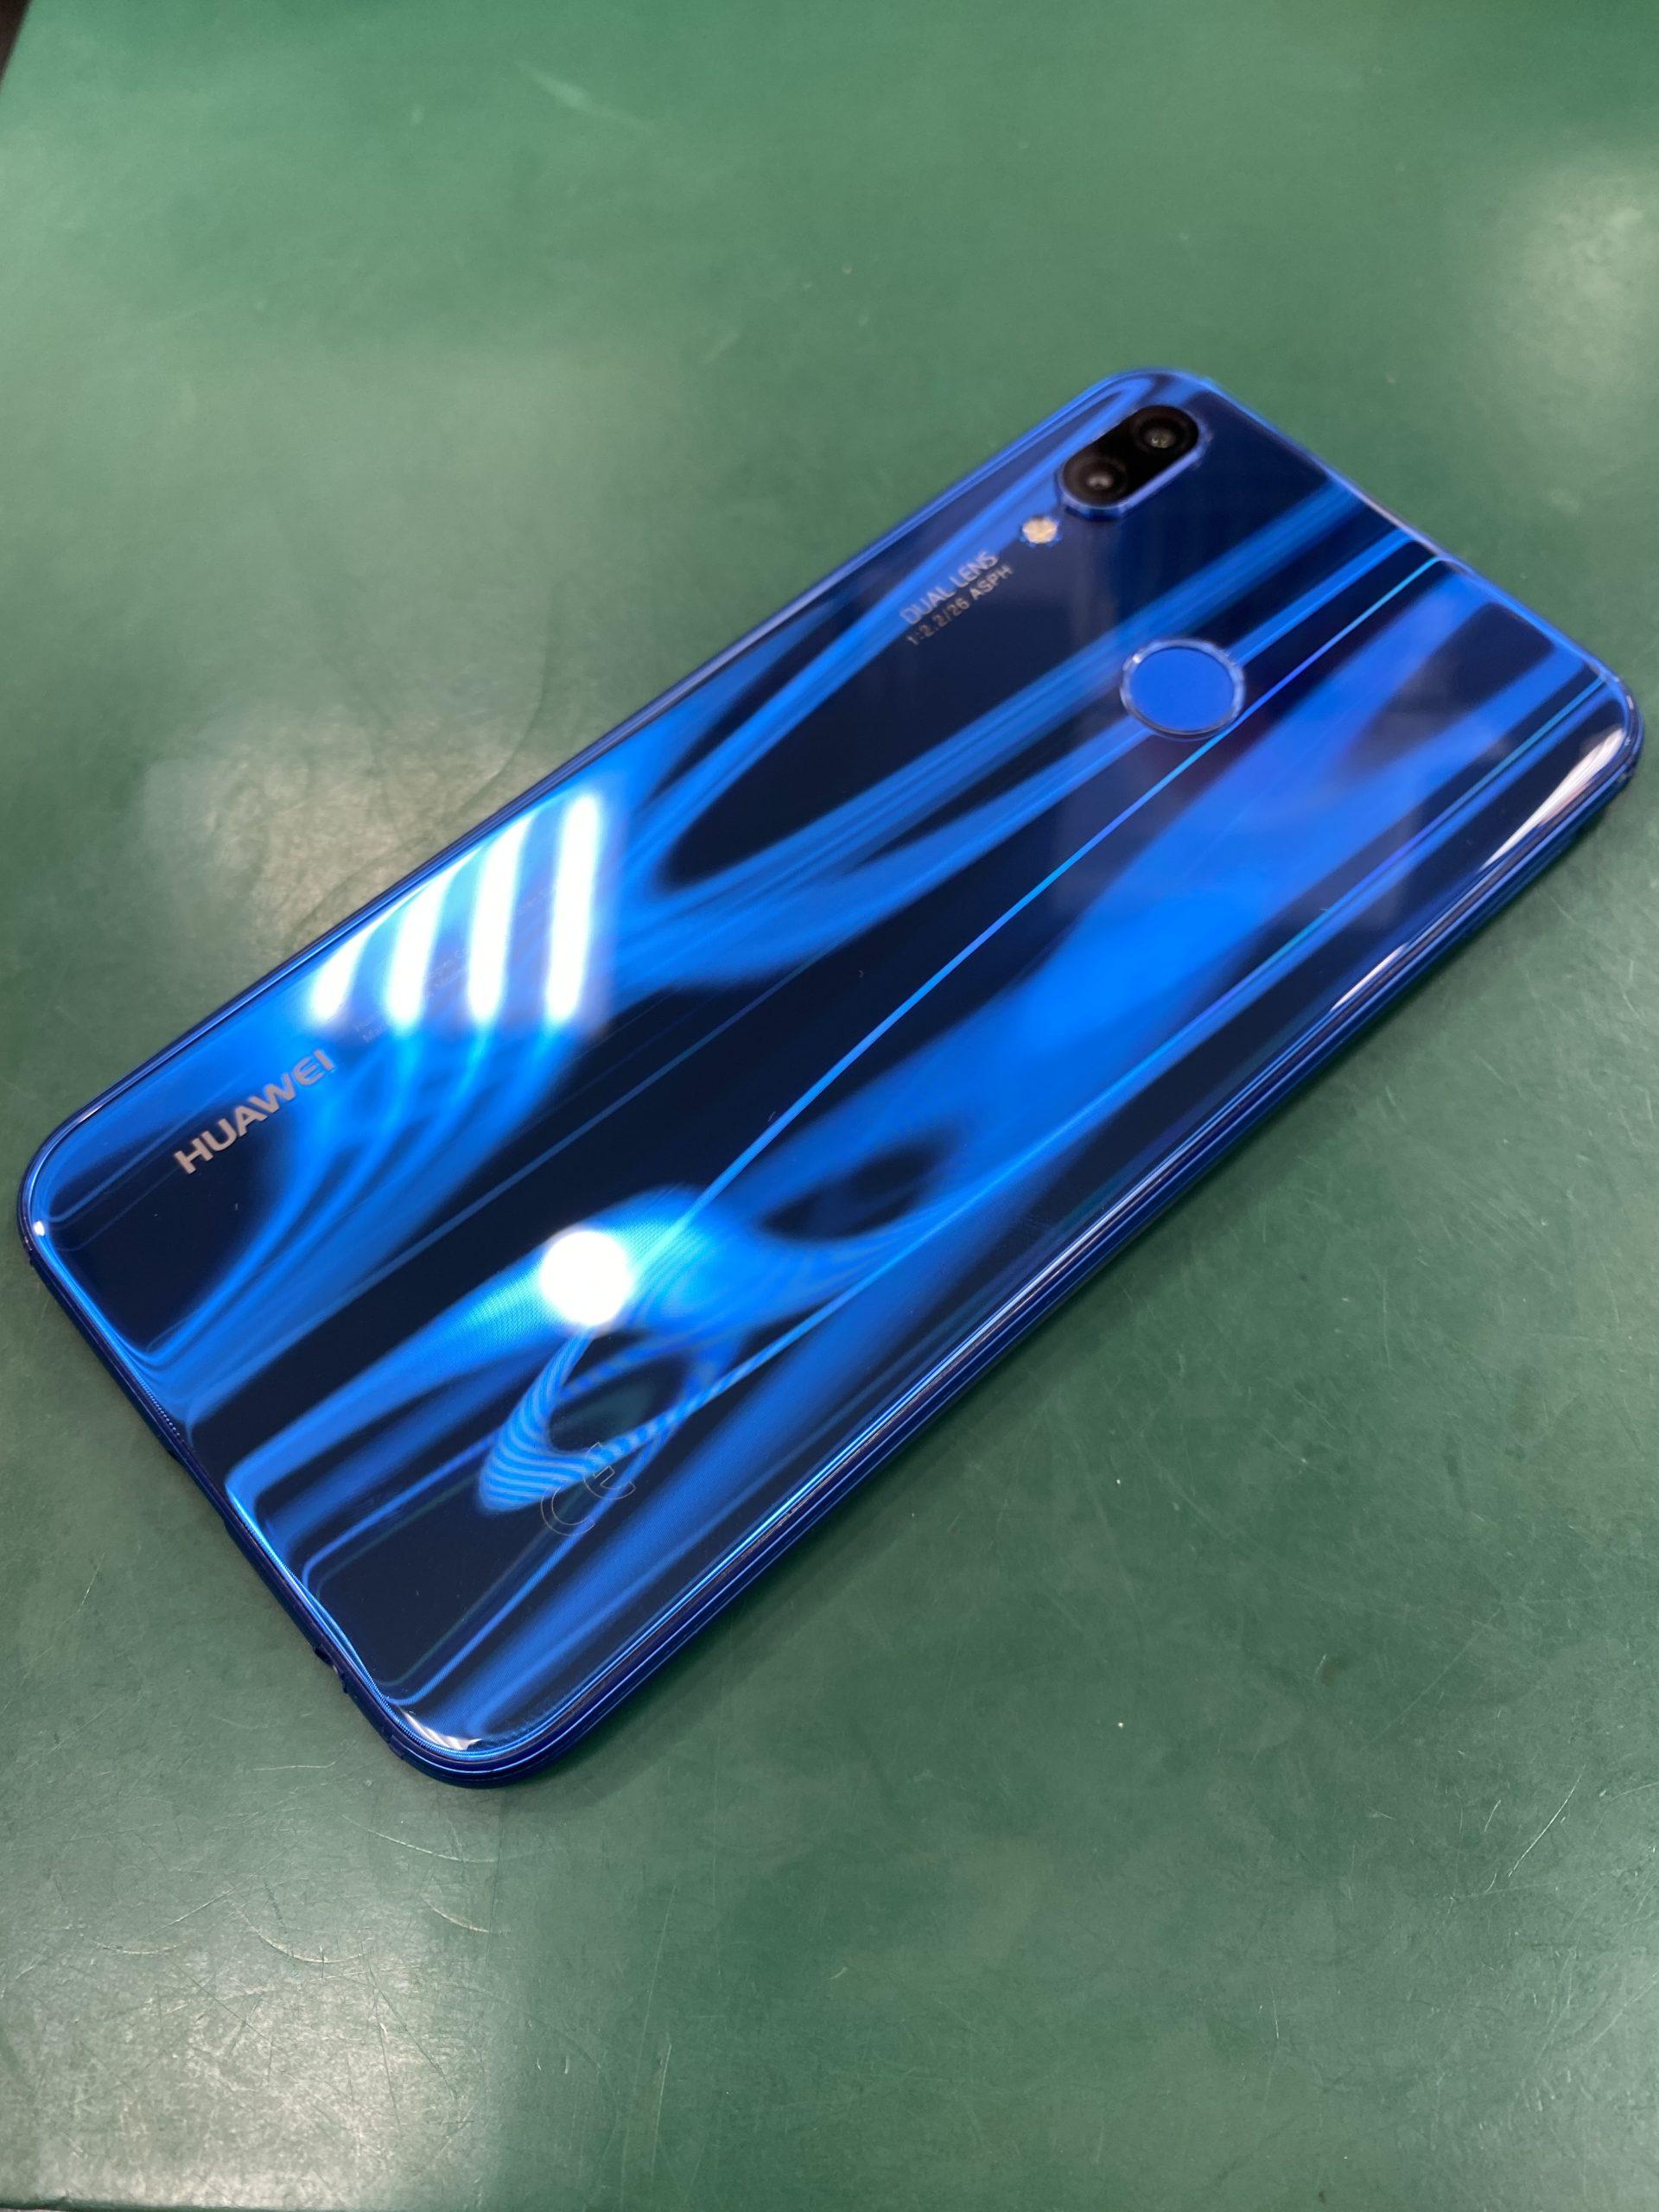 Huawei P20lite32GBクラインブルーUQmobile〇中古